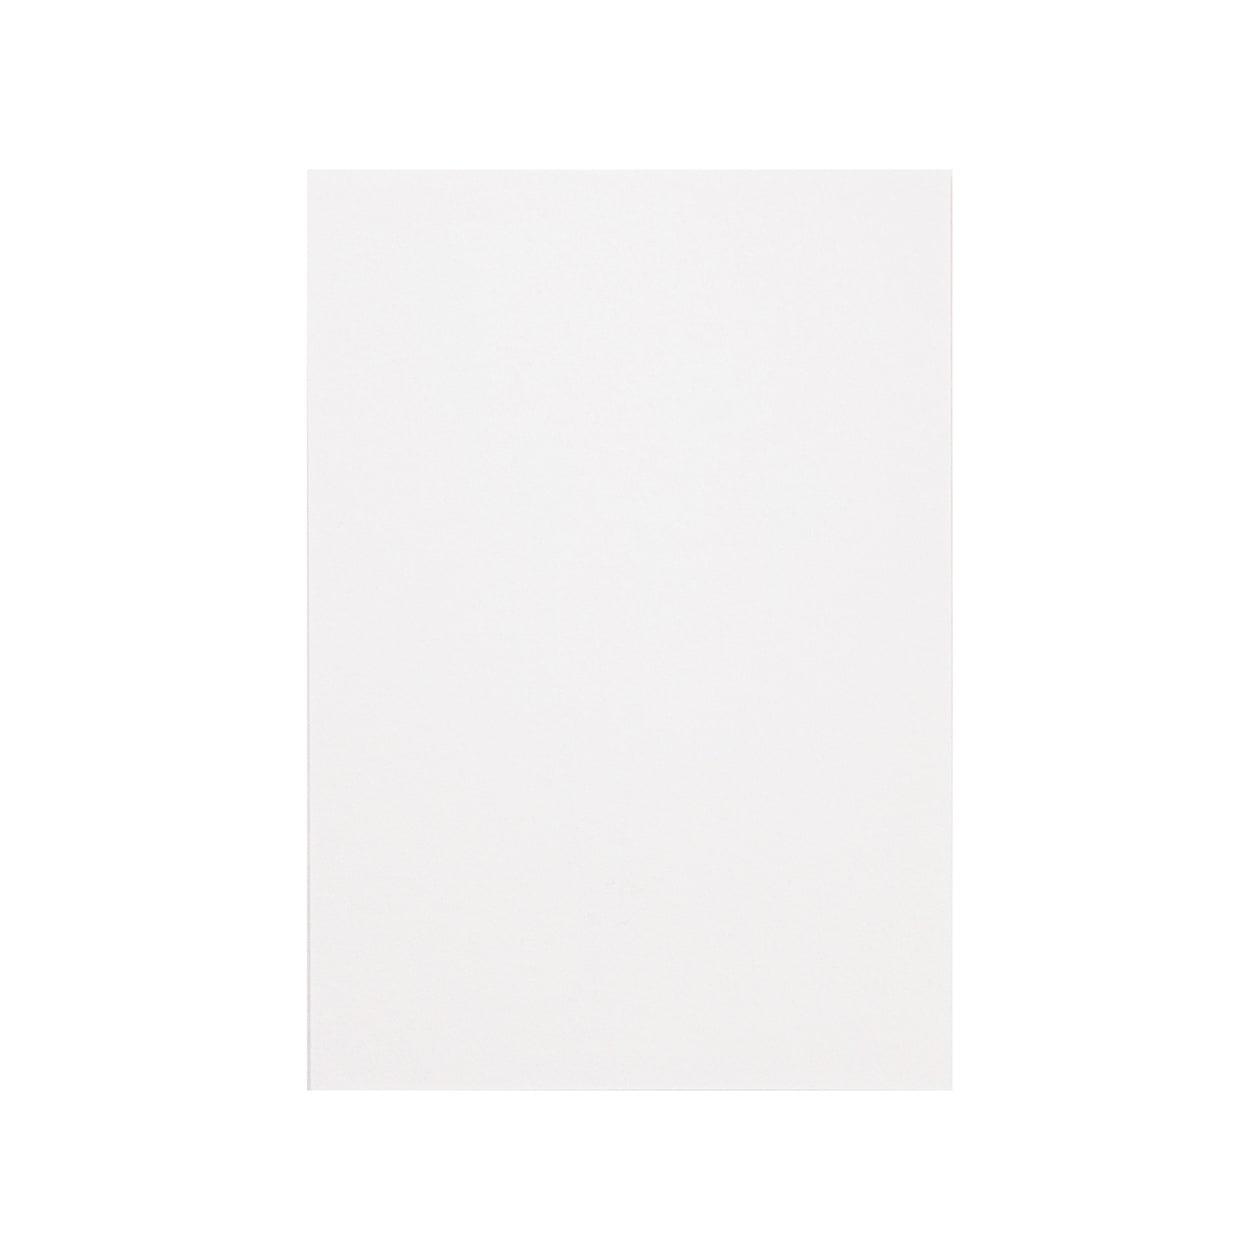 サンプル カード・シート 00240